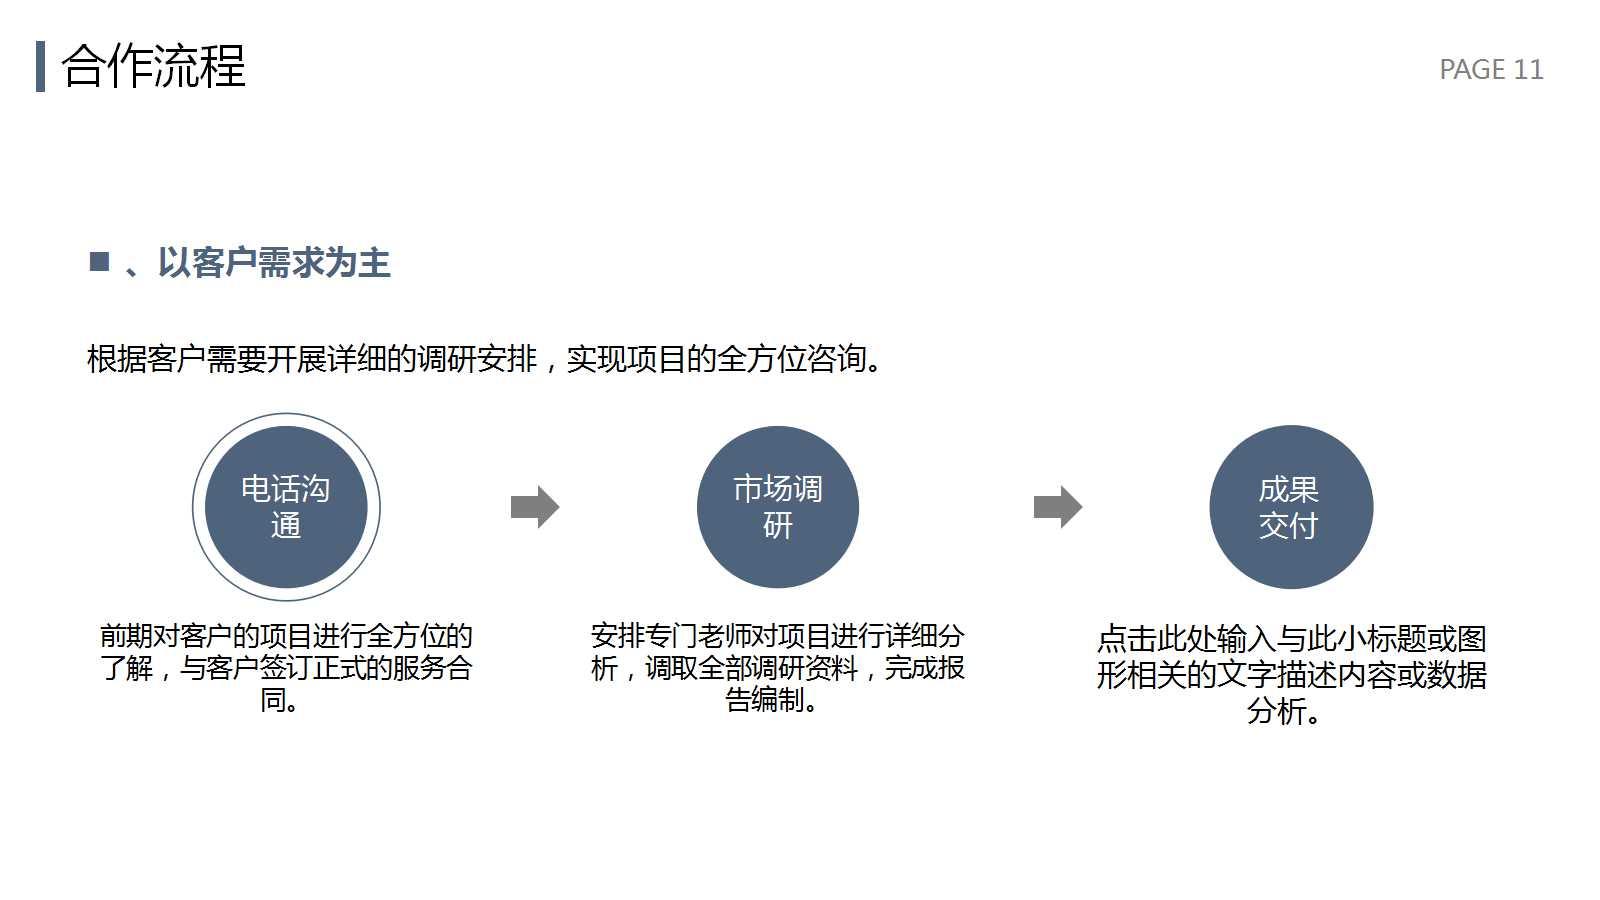 襄阳市宜城市总体规划设计优质单位总体规划设计专业团队